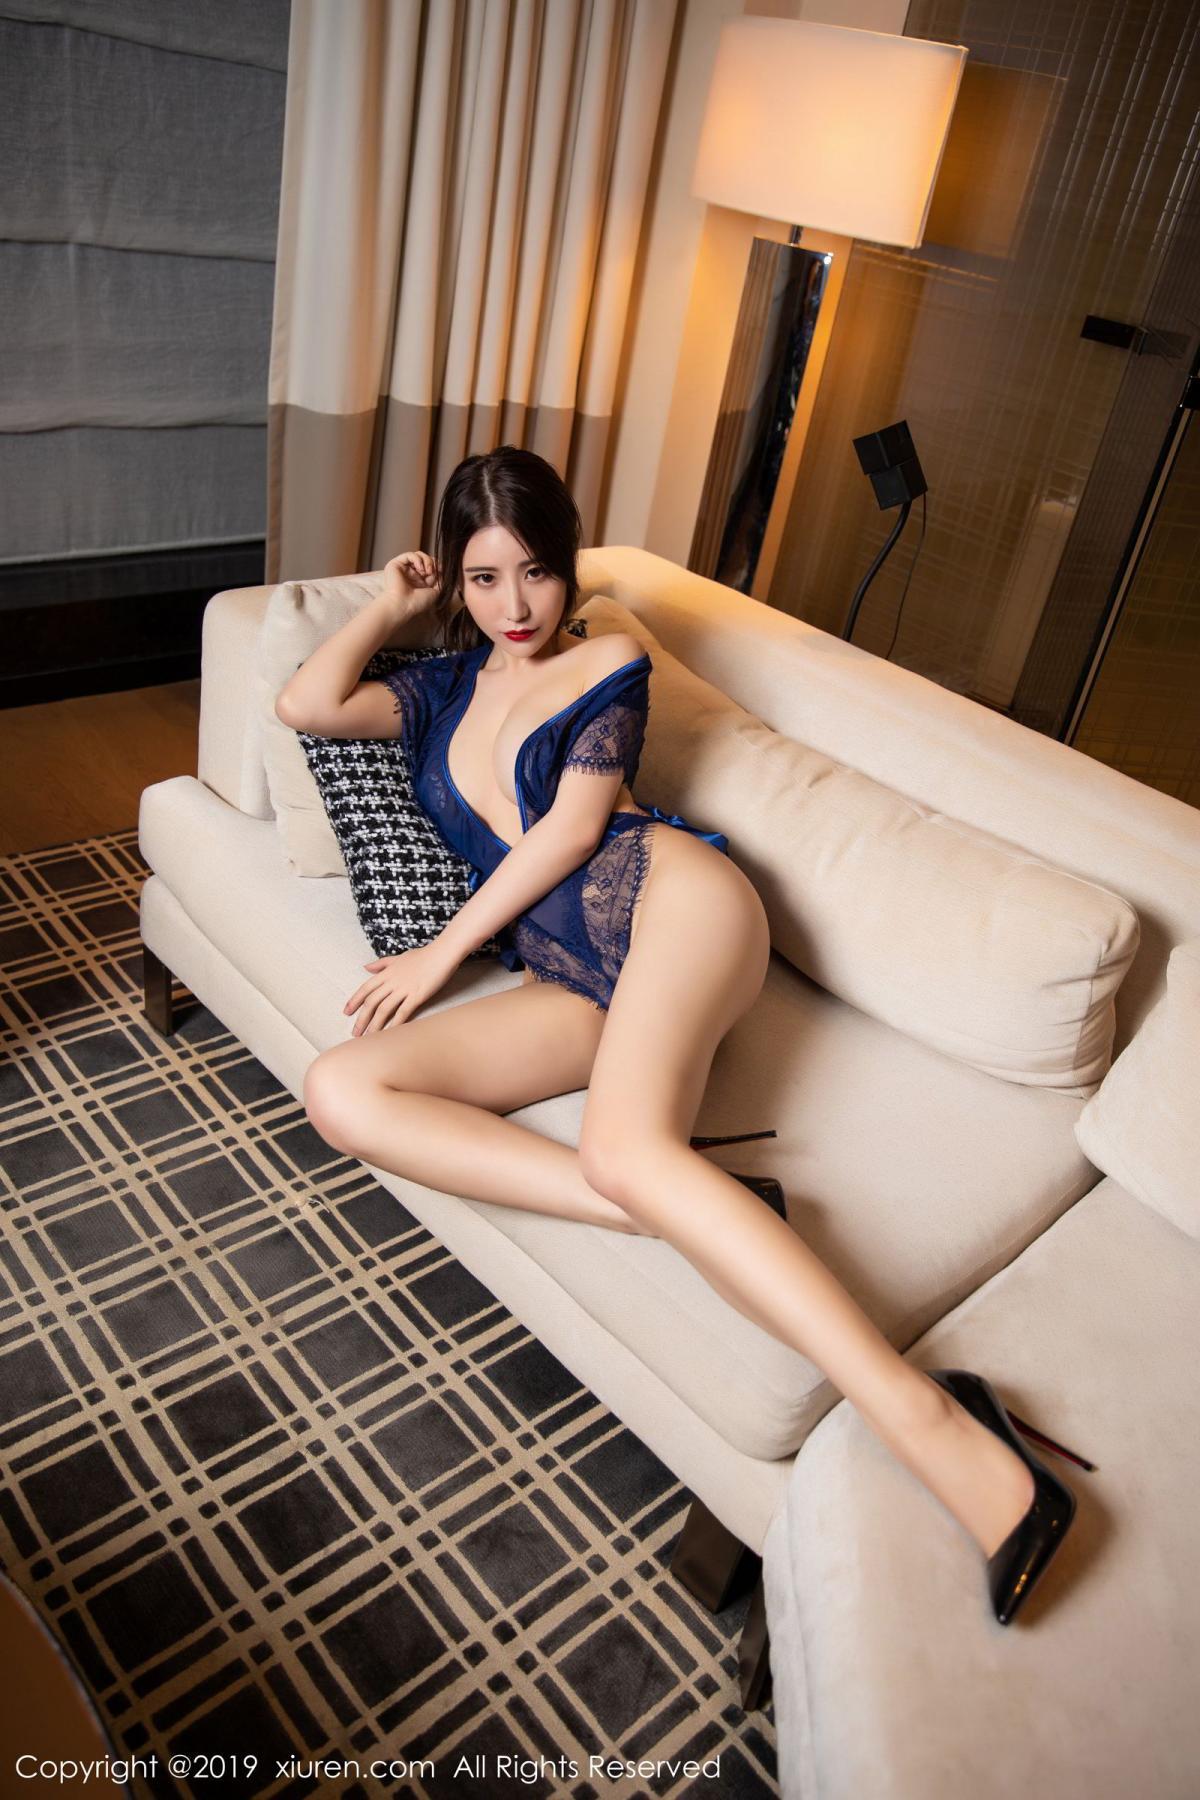 [XiuRen] Vol.1589 Xie Zhi Xin 33P, Sexy, Underwear, Xie Zhi Xin, Xiuren